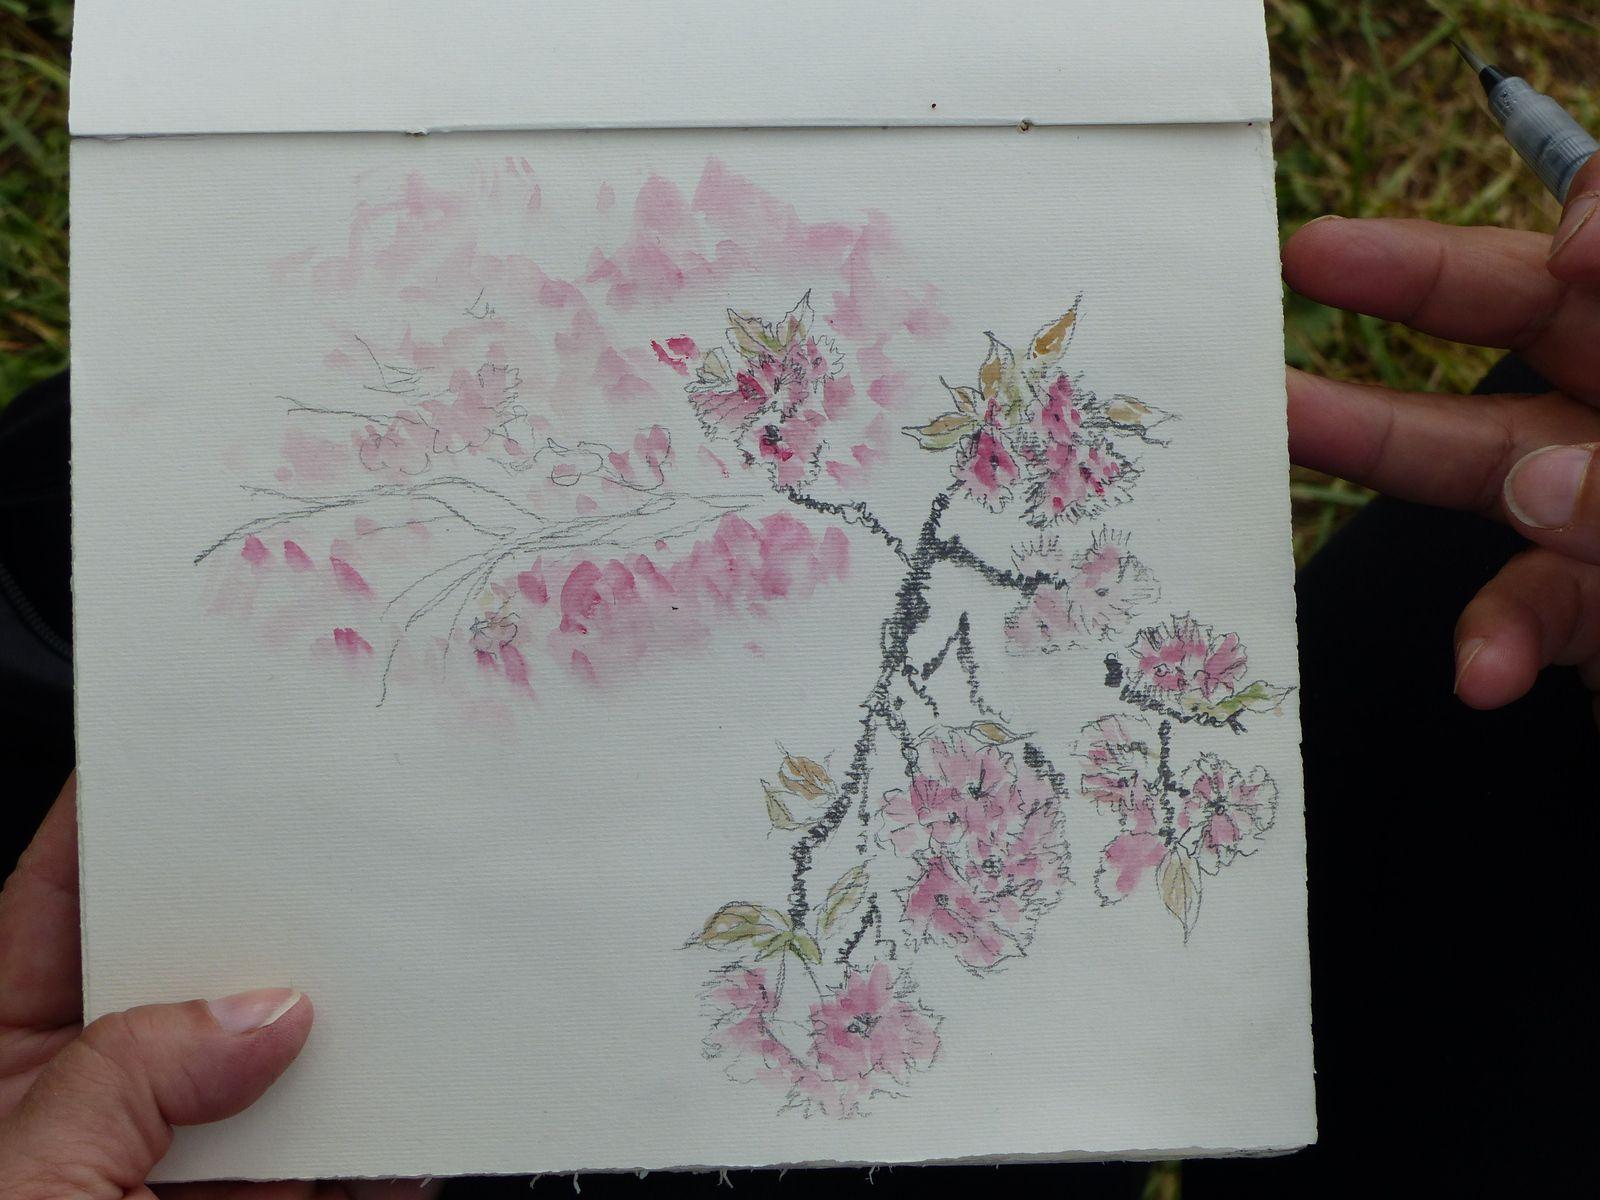 Des dessins et des cerisiers en fleurs